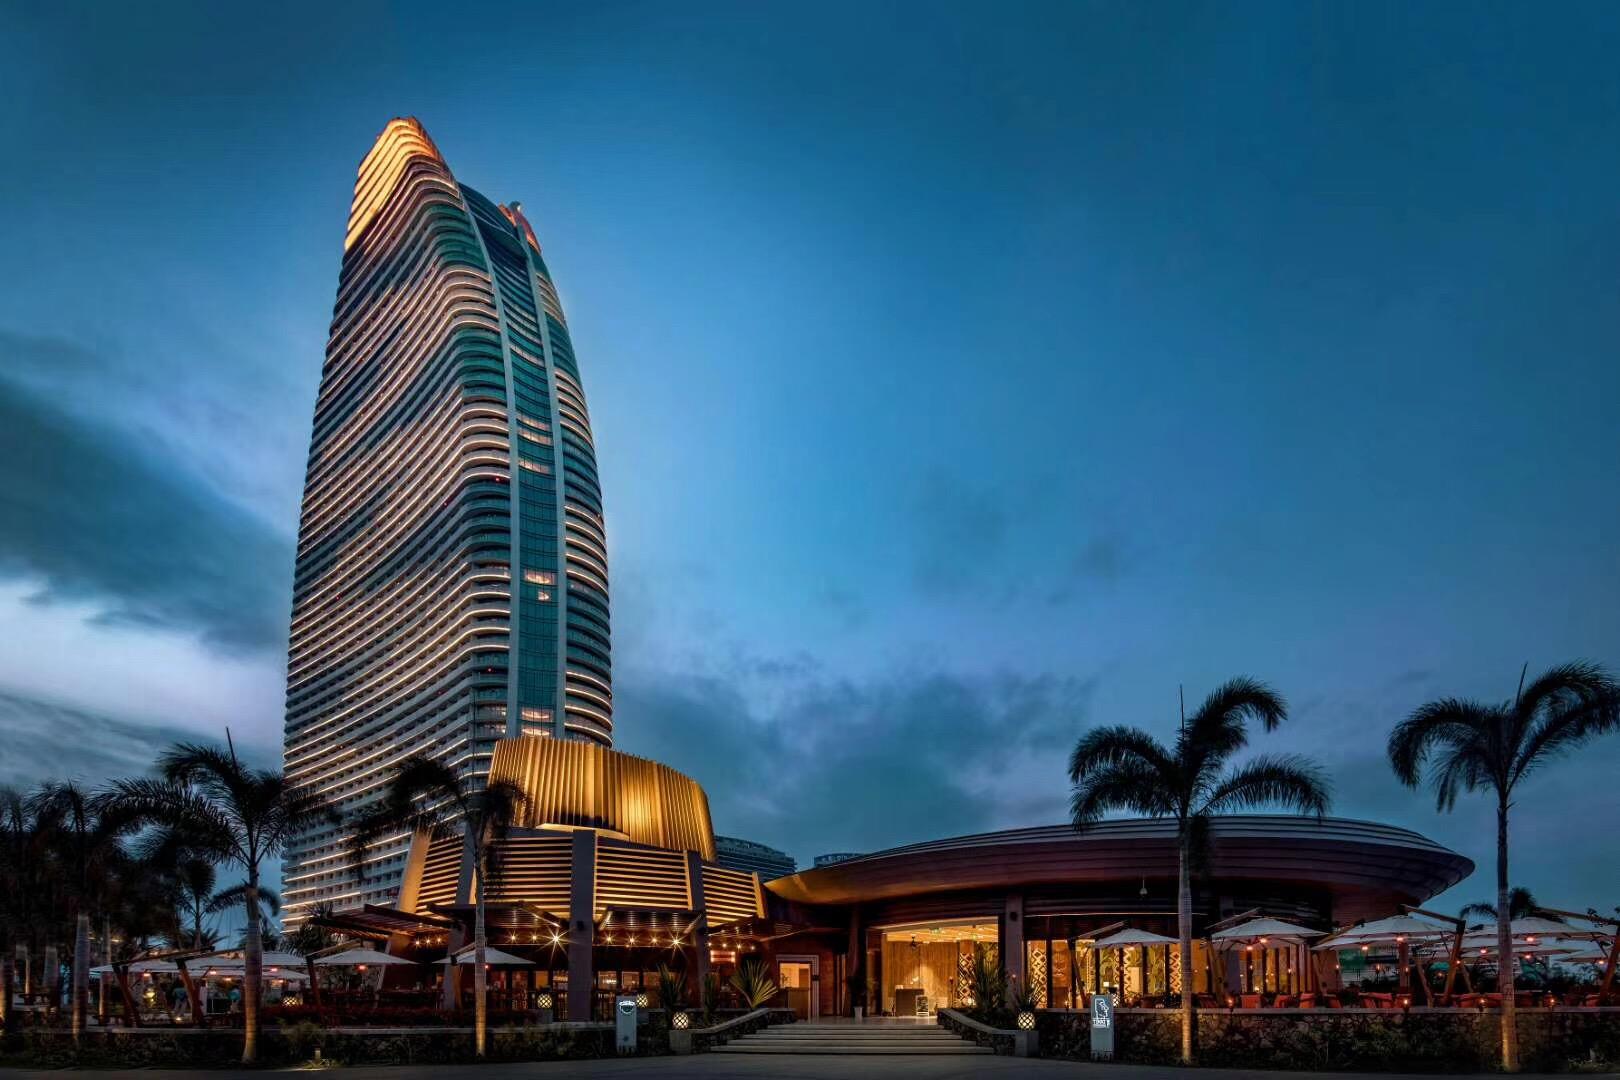 海南三亚5天4晚自由行(2晚品牌酒店+2晚亚特兰蒂斯·全球第3家·迪拜同款·三亚新地标·无限次畅玩水族馆+水世界)